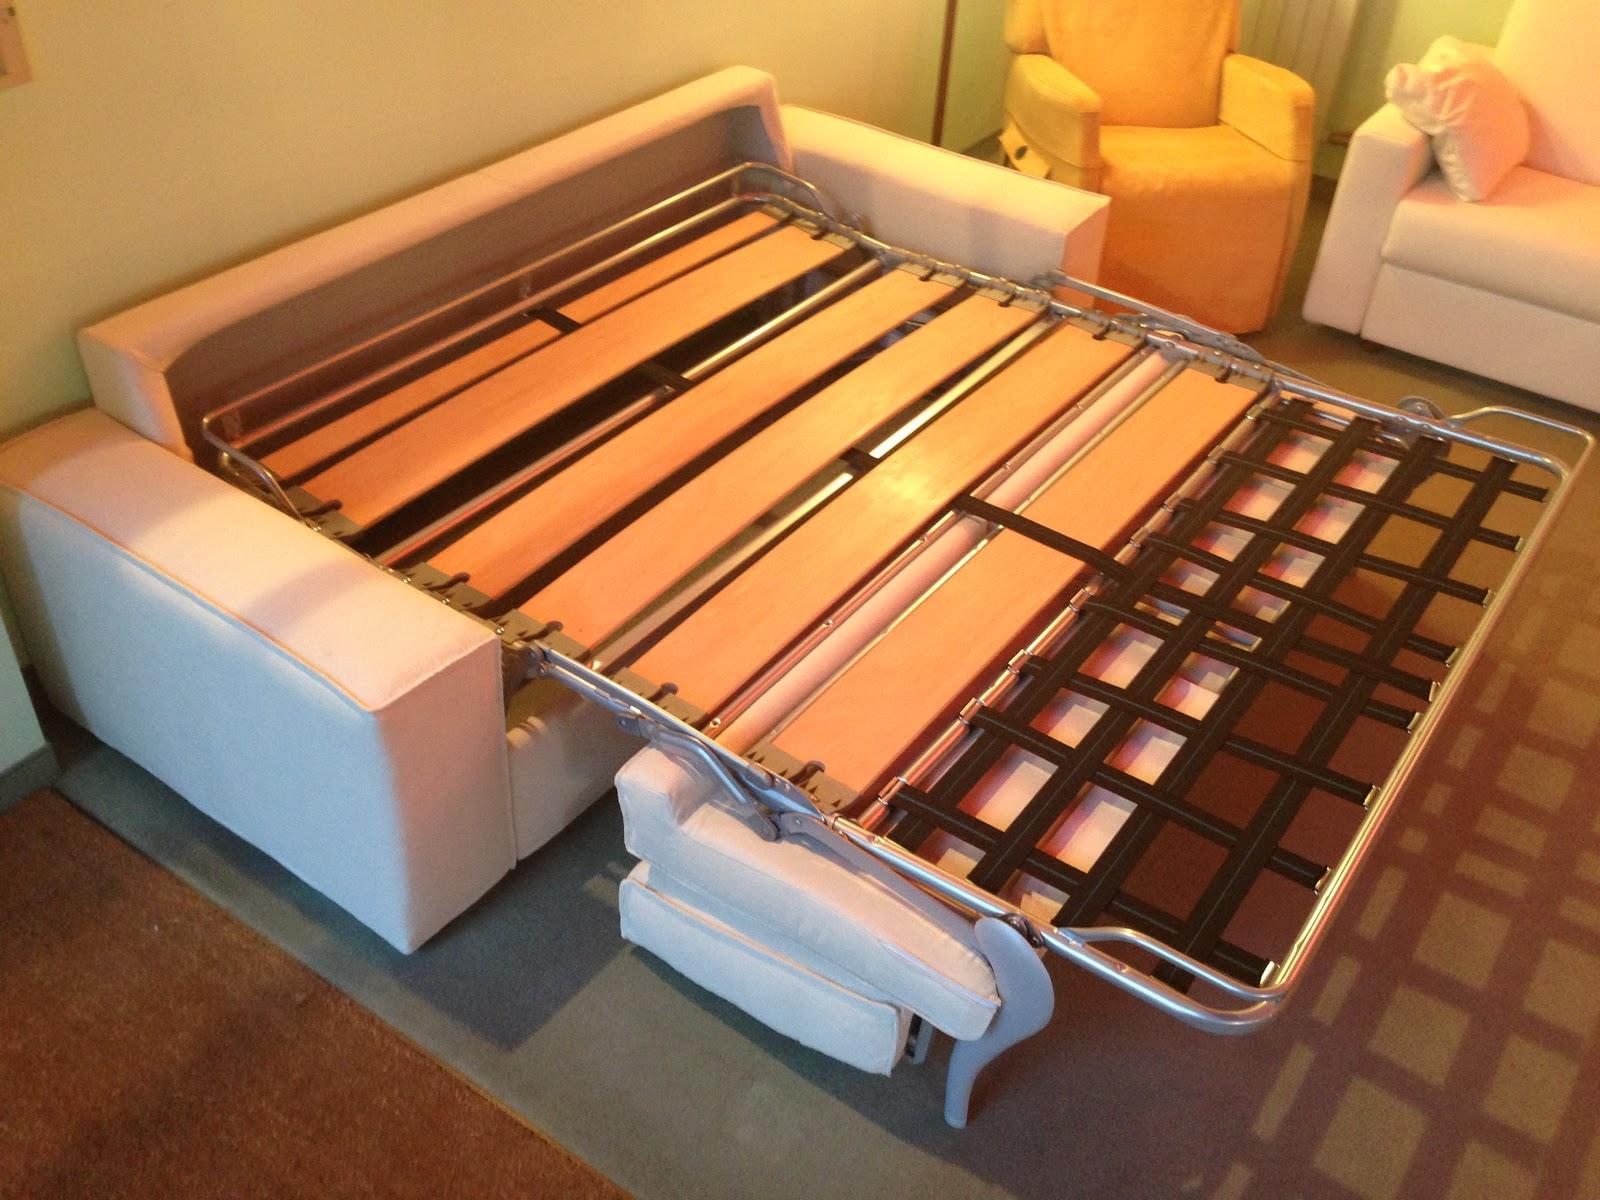 Vendita divani letto lissone monza e brianza milano for Divano letto moderno